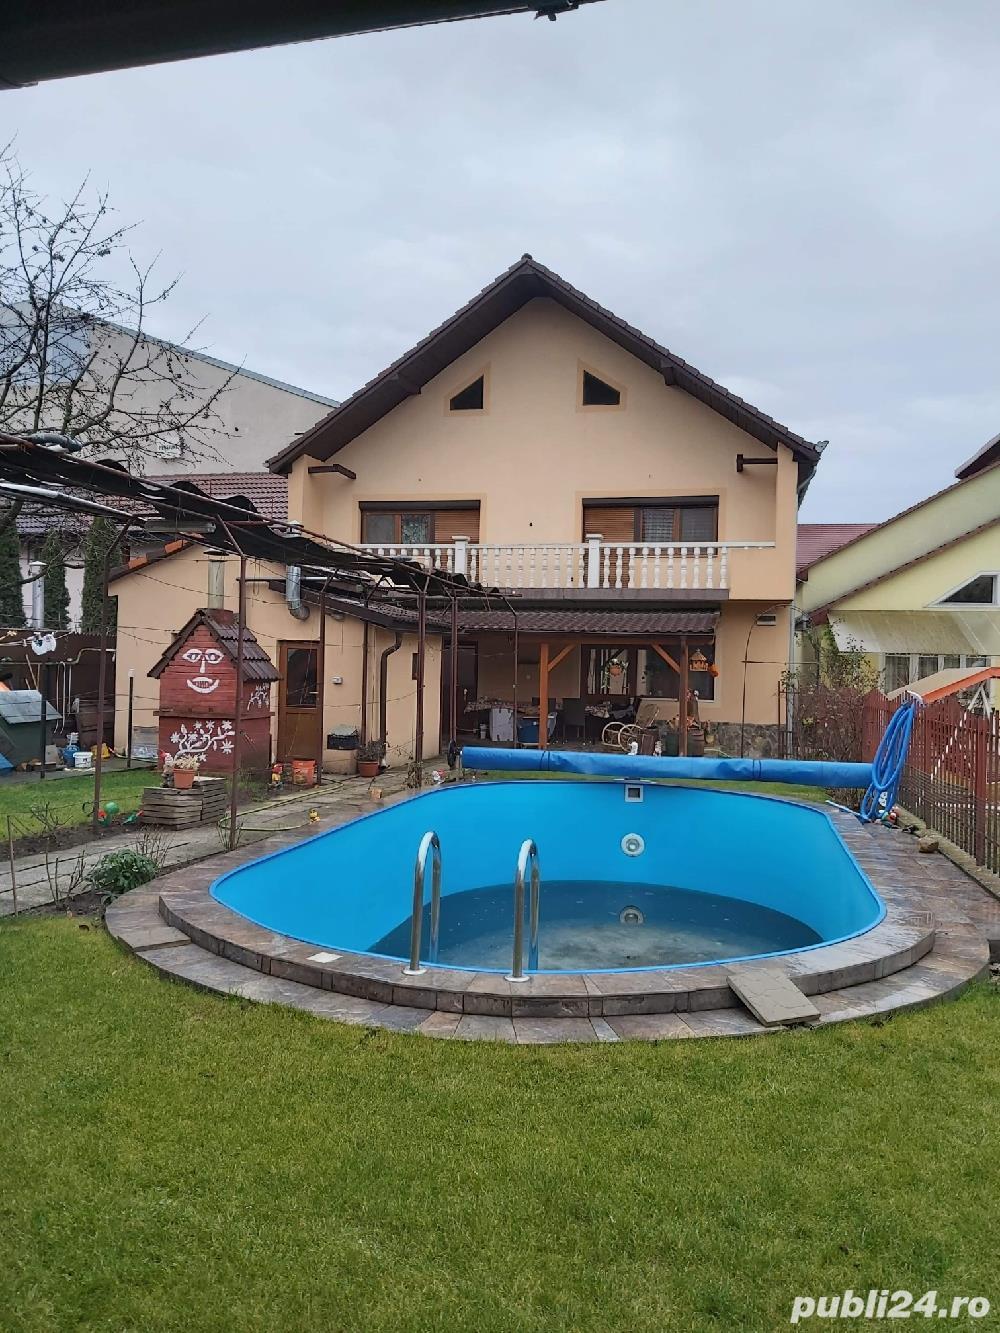 2 vile de vanzare cu piscina,aceeasi curte,pt locuit sau centru medical,zona Aradului